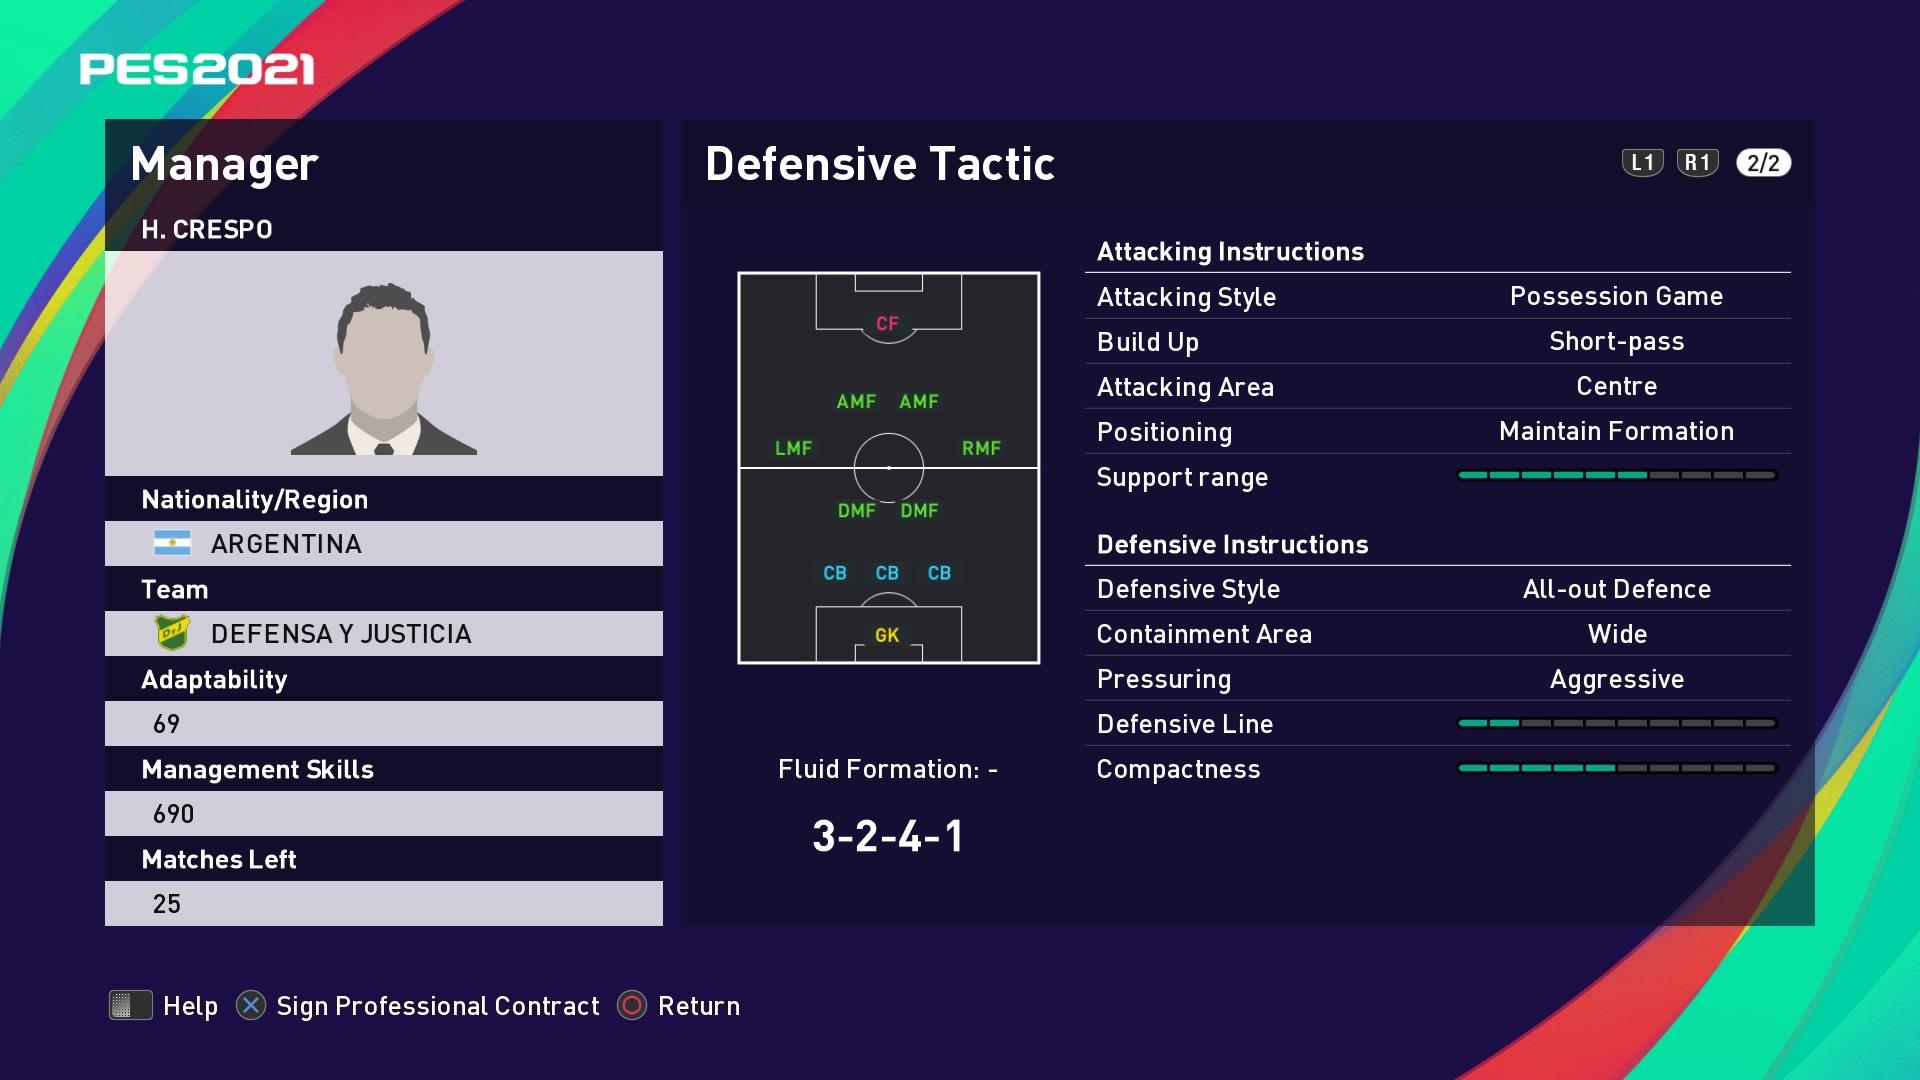 H. Crespo (Hernán Crespo) Defensive Tactic in PES 2021 myClub